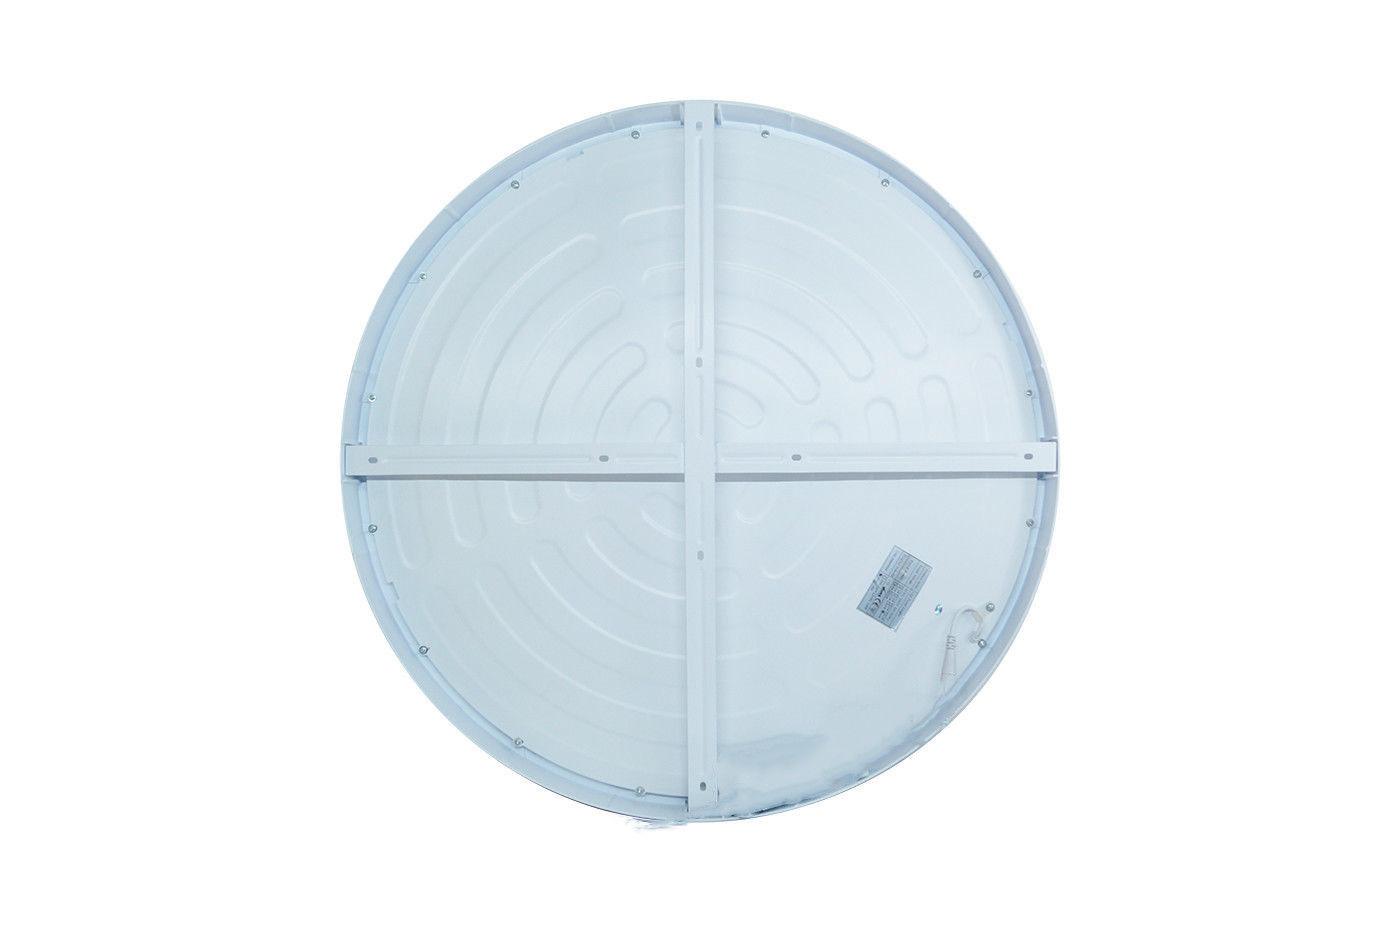 Plafoniere Wifi : Bes 24081 plafoniere beselettronica pannello led 36 w watt